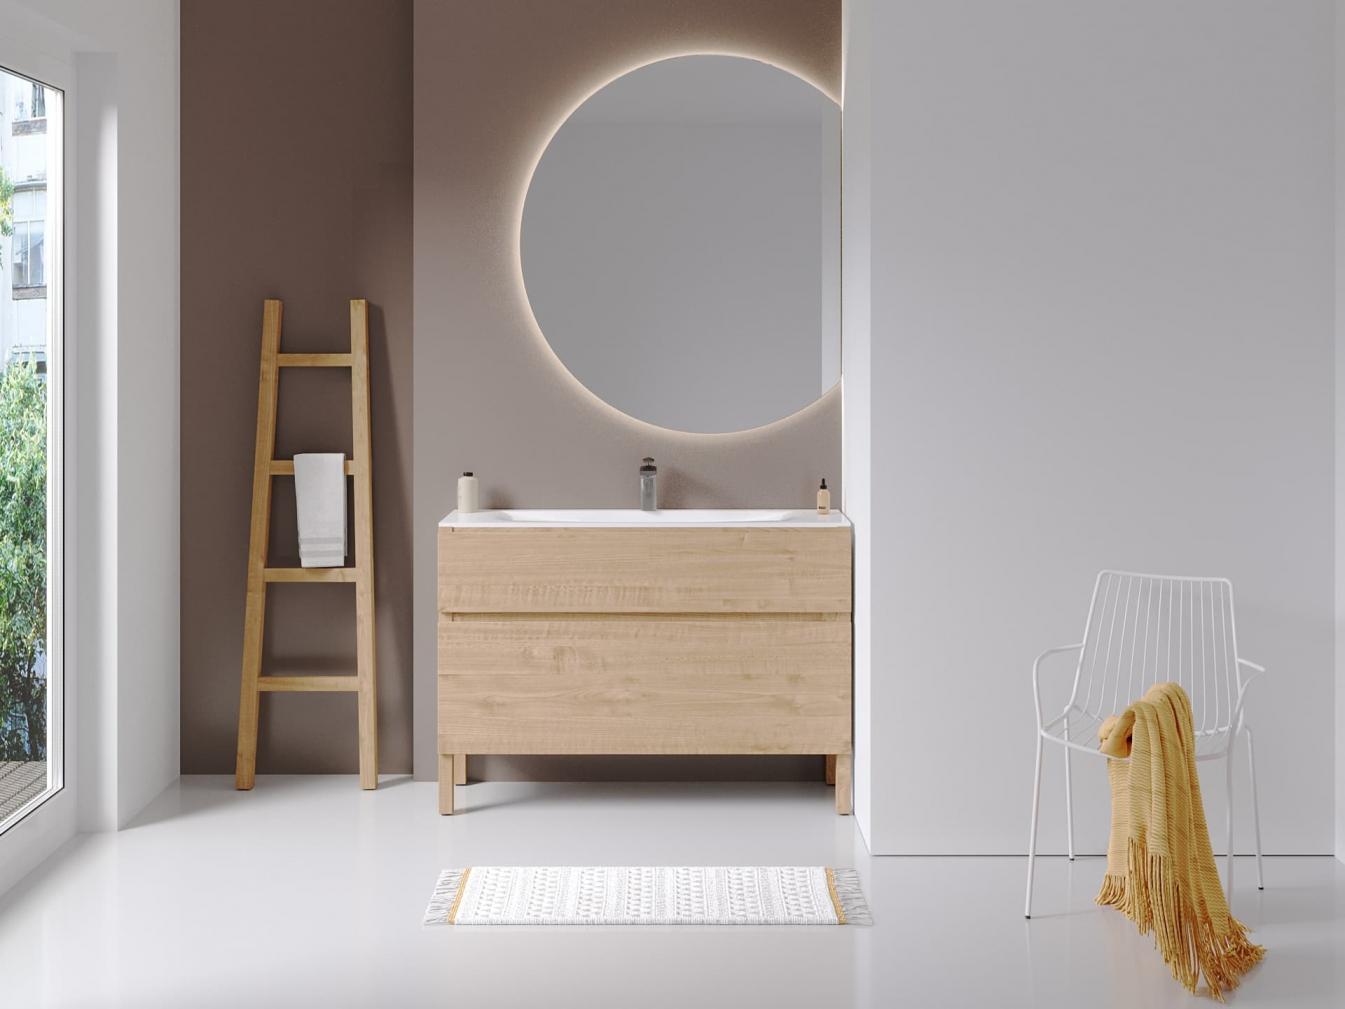 Halbrunder Badspiegel auch mit Bluetooth Lautsprecher möglich!